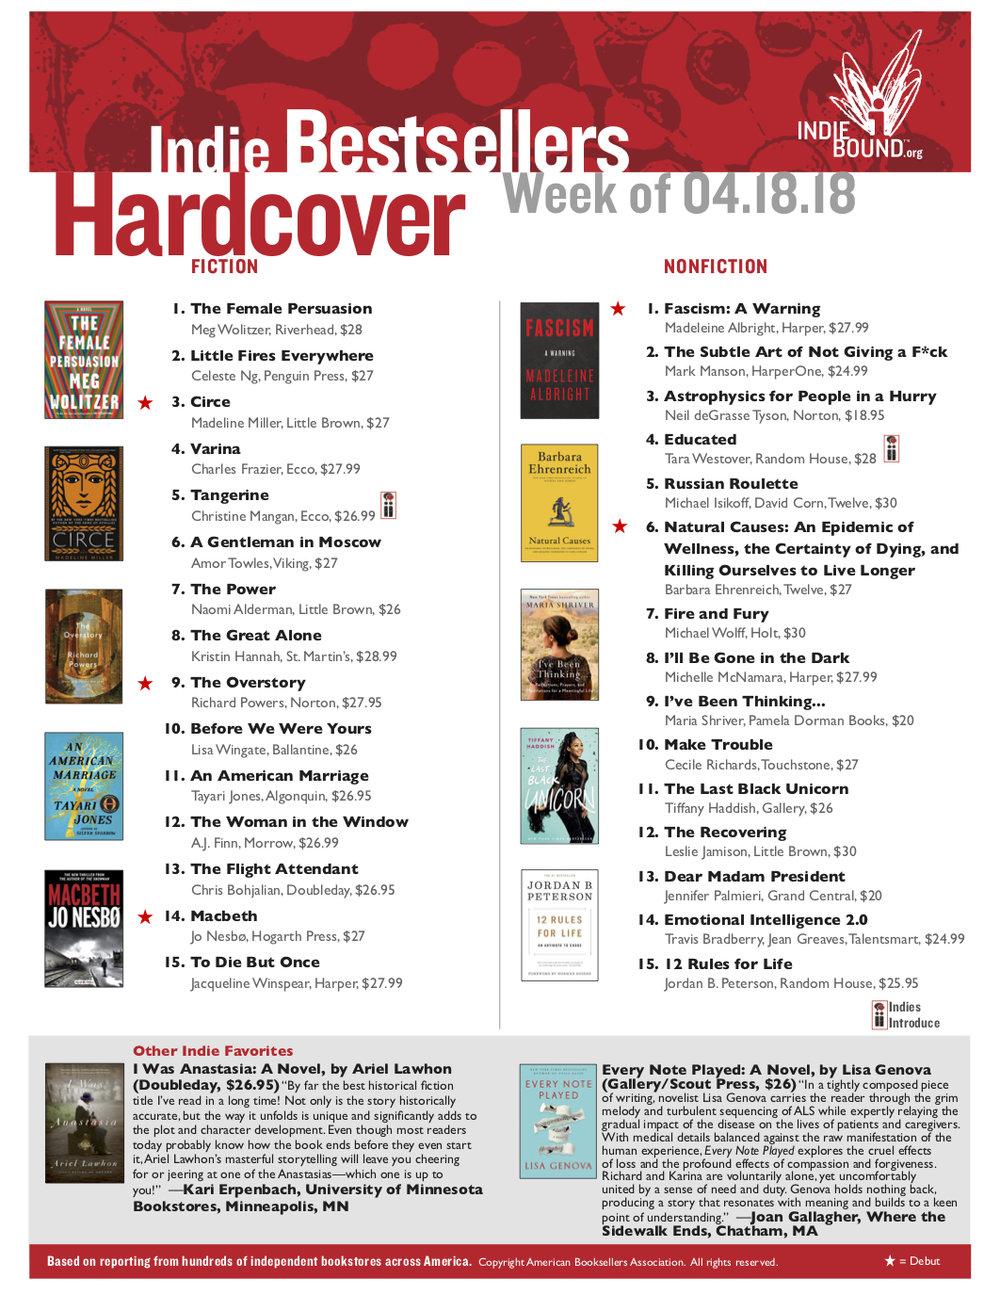 IndieBestsellers_4.18.18.jpg